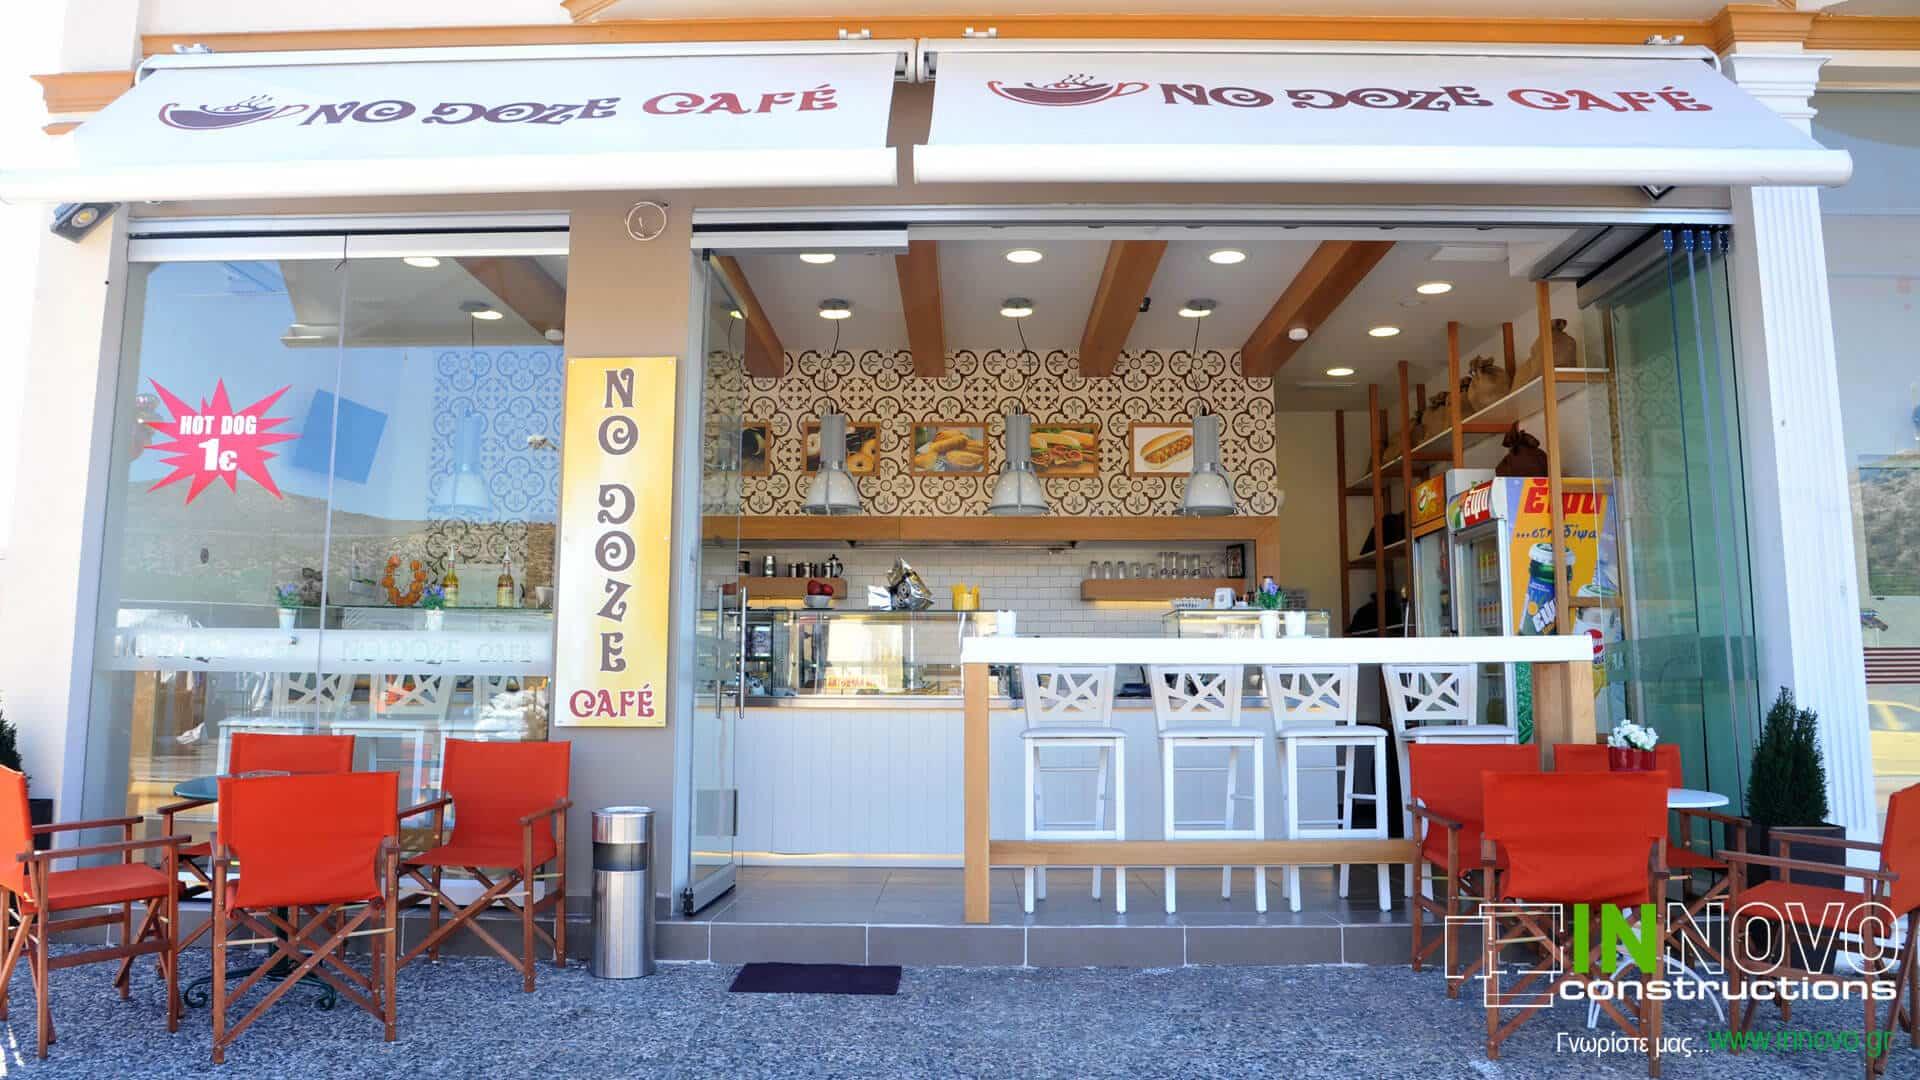 anakainisi-snack-cafe-renovation-cafe-barh-1685